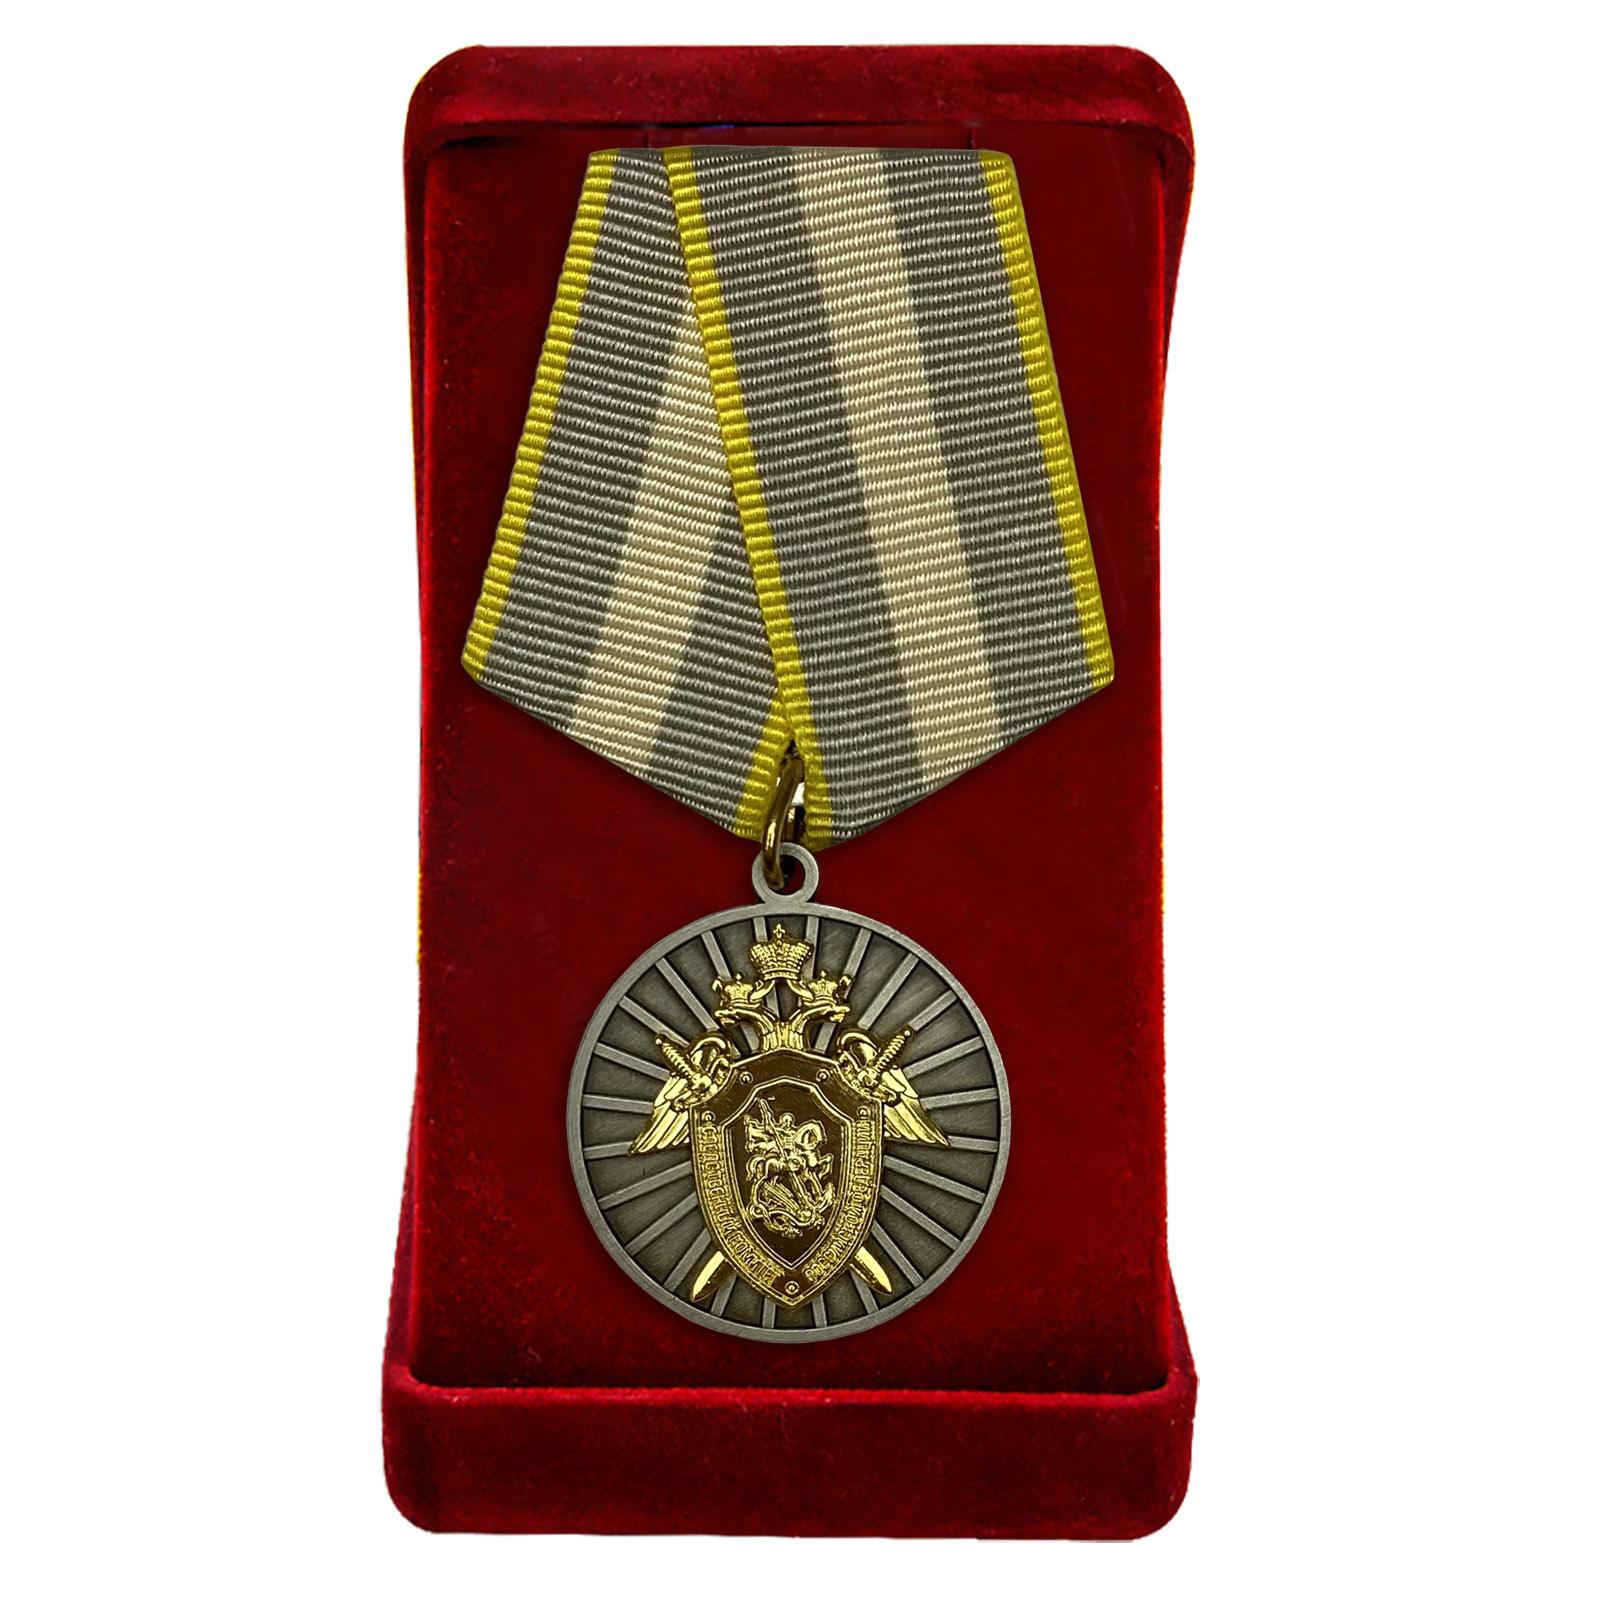 Купить медаль СК России За отличие с доставкой в ваш город